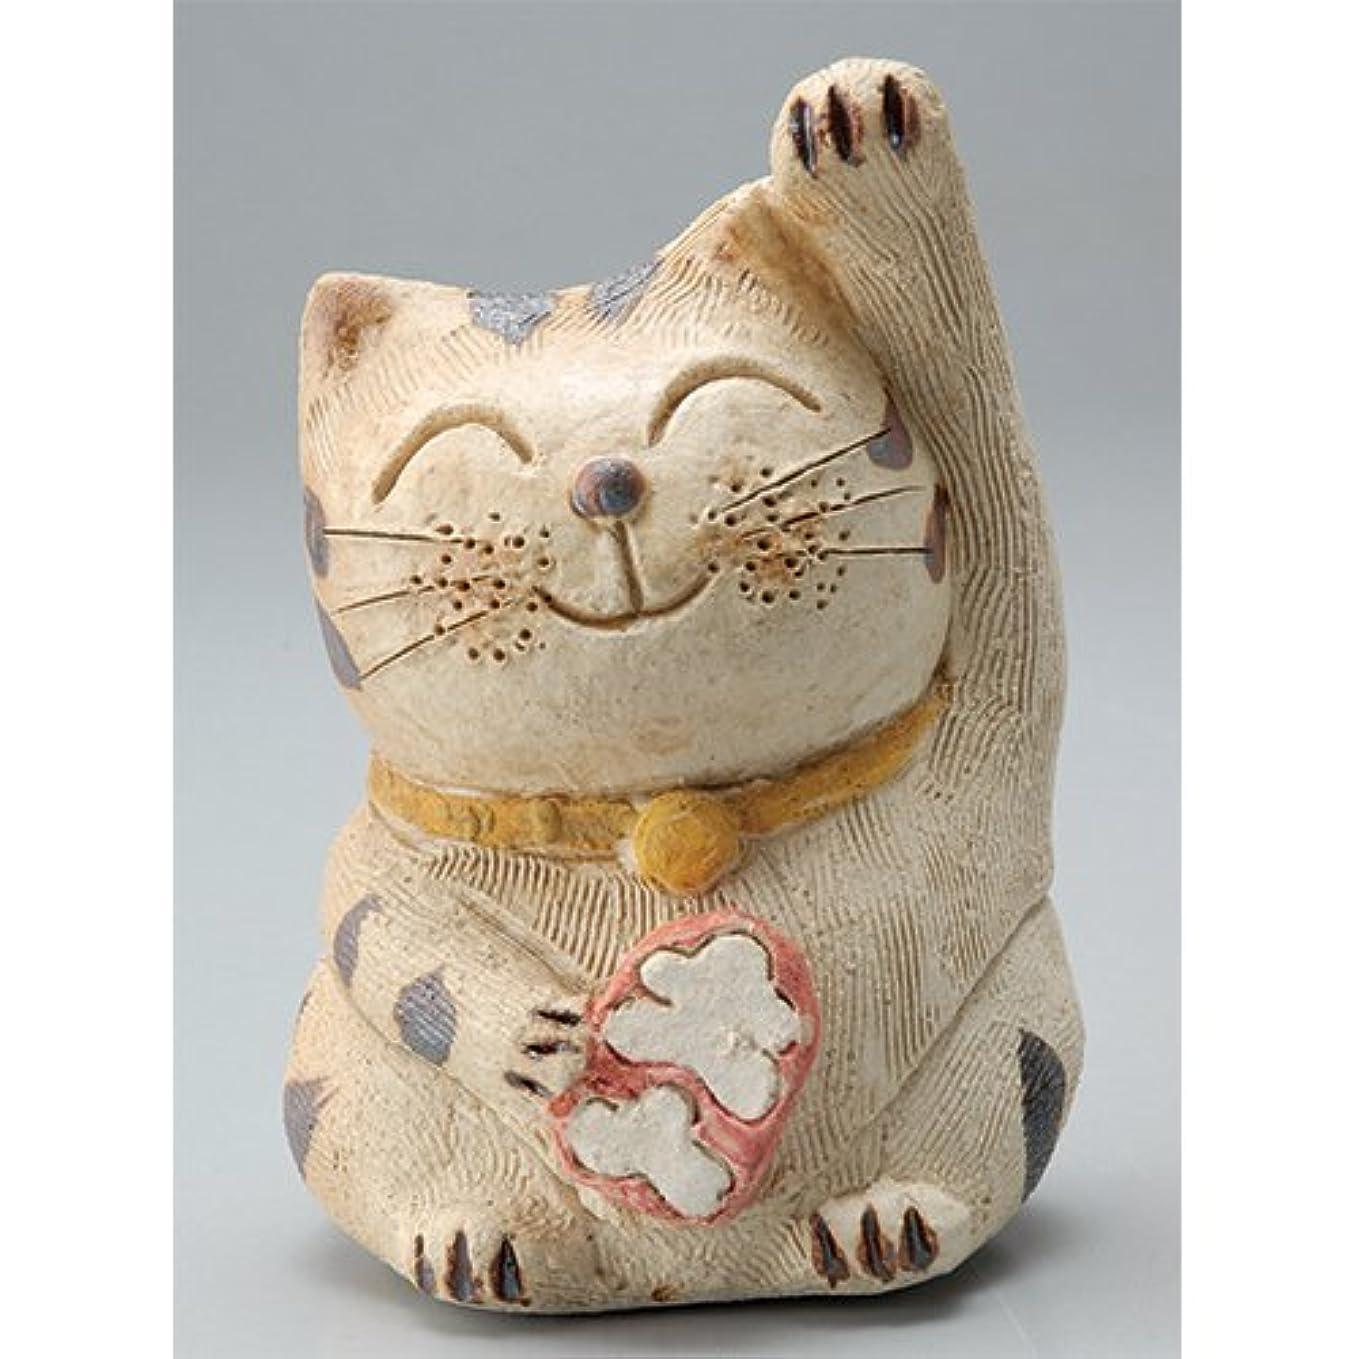 ゴミ箱曲げる遺棄された香炉 微笑み招き猫(人招き)香炉(中) [H14cm] HANDMADE プレゼント ギフト 和食器 かわいい インテリア